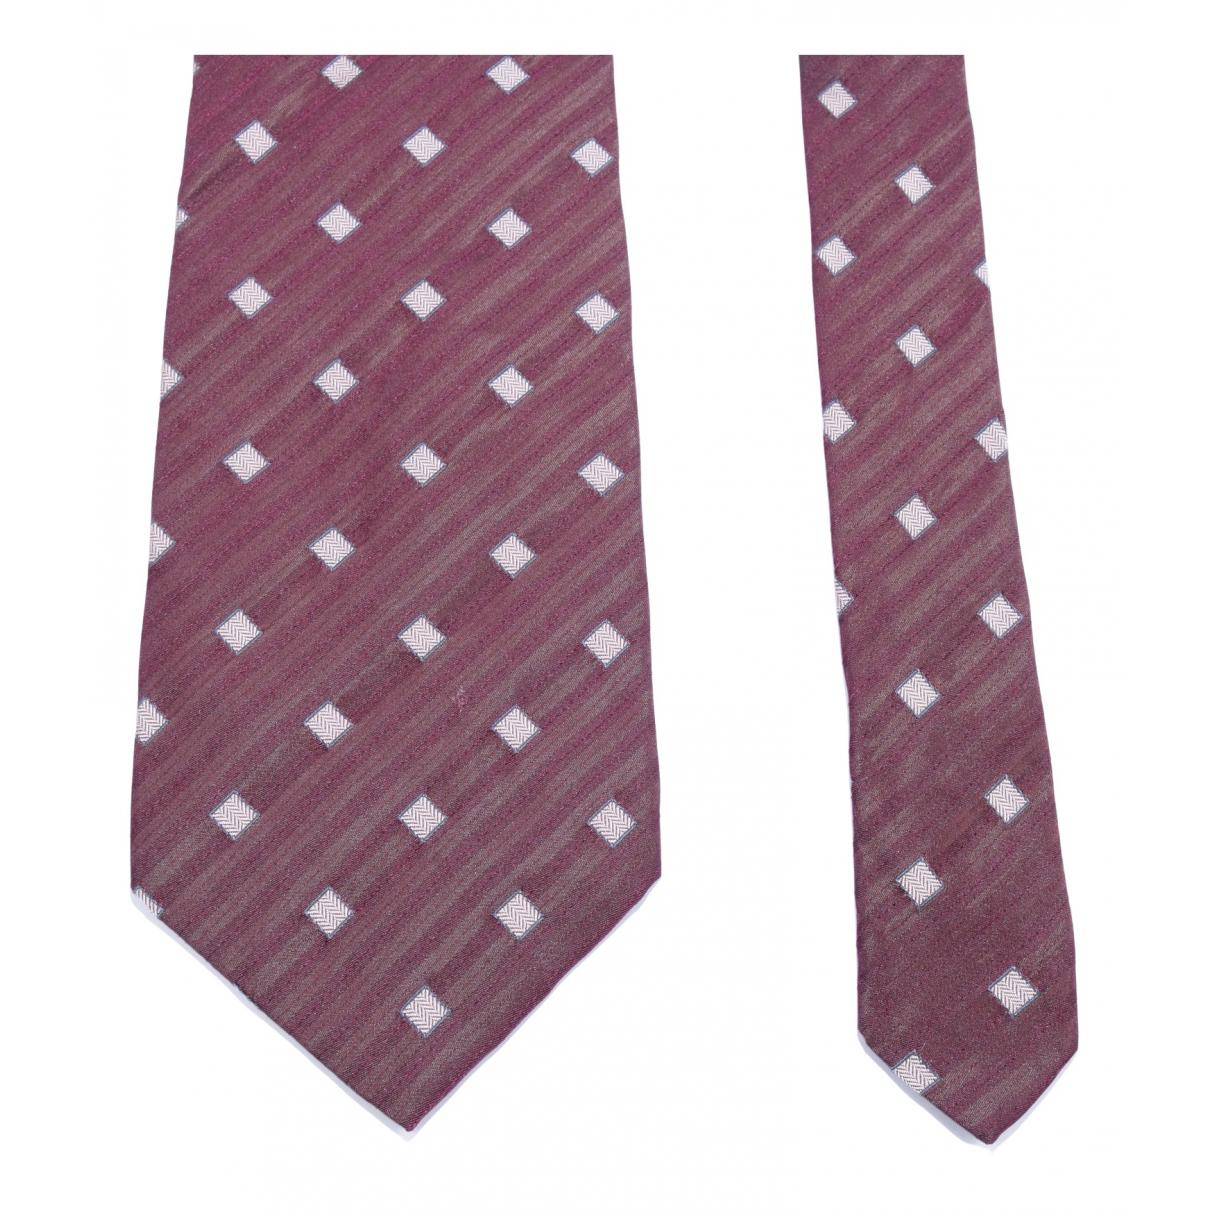 Yves Saint Laurent - Cravates   pour homme en soie - bordeaux